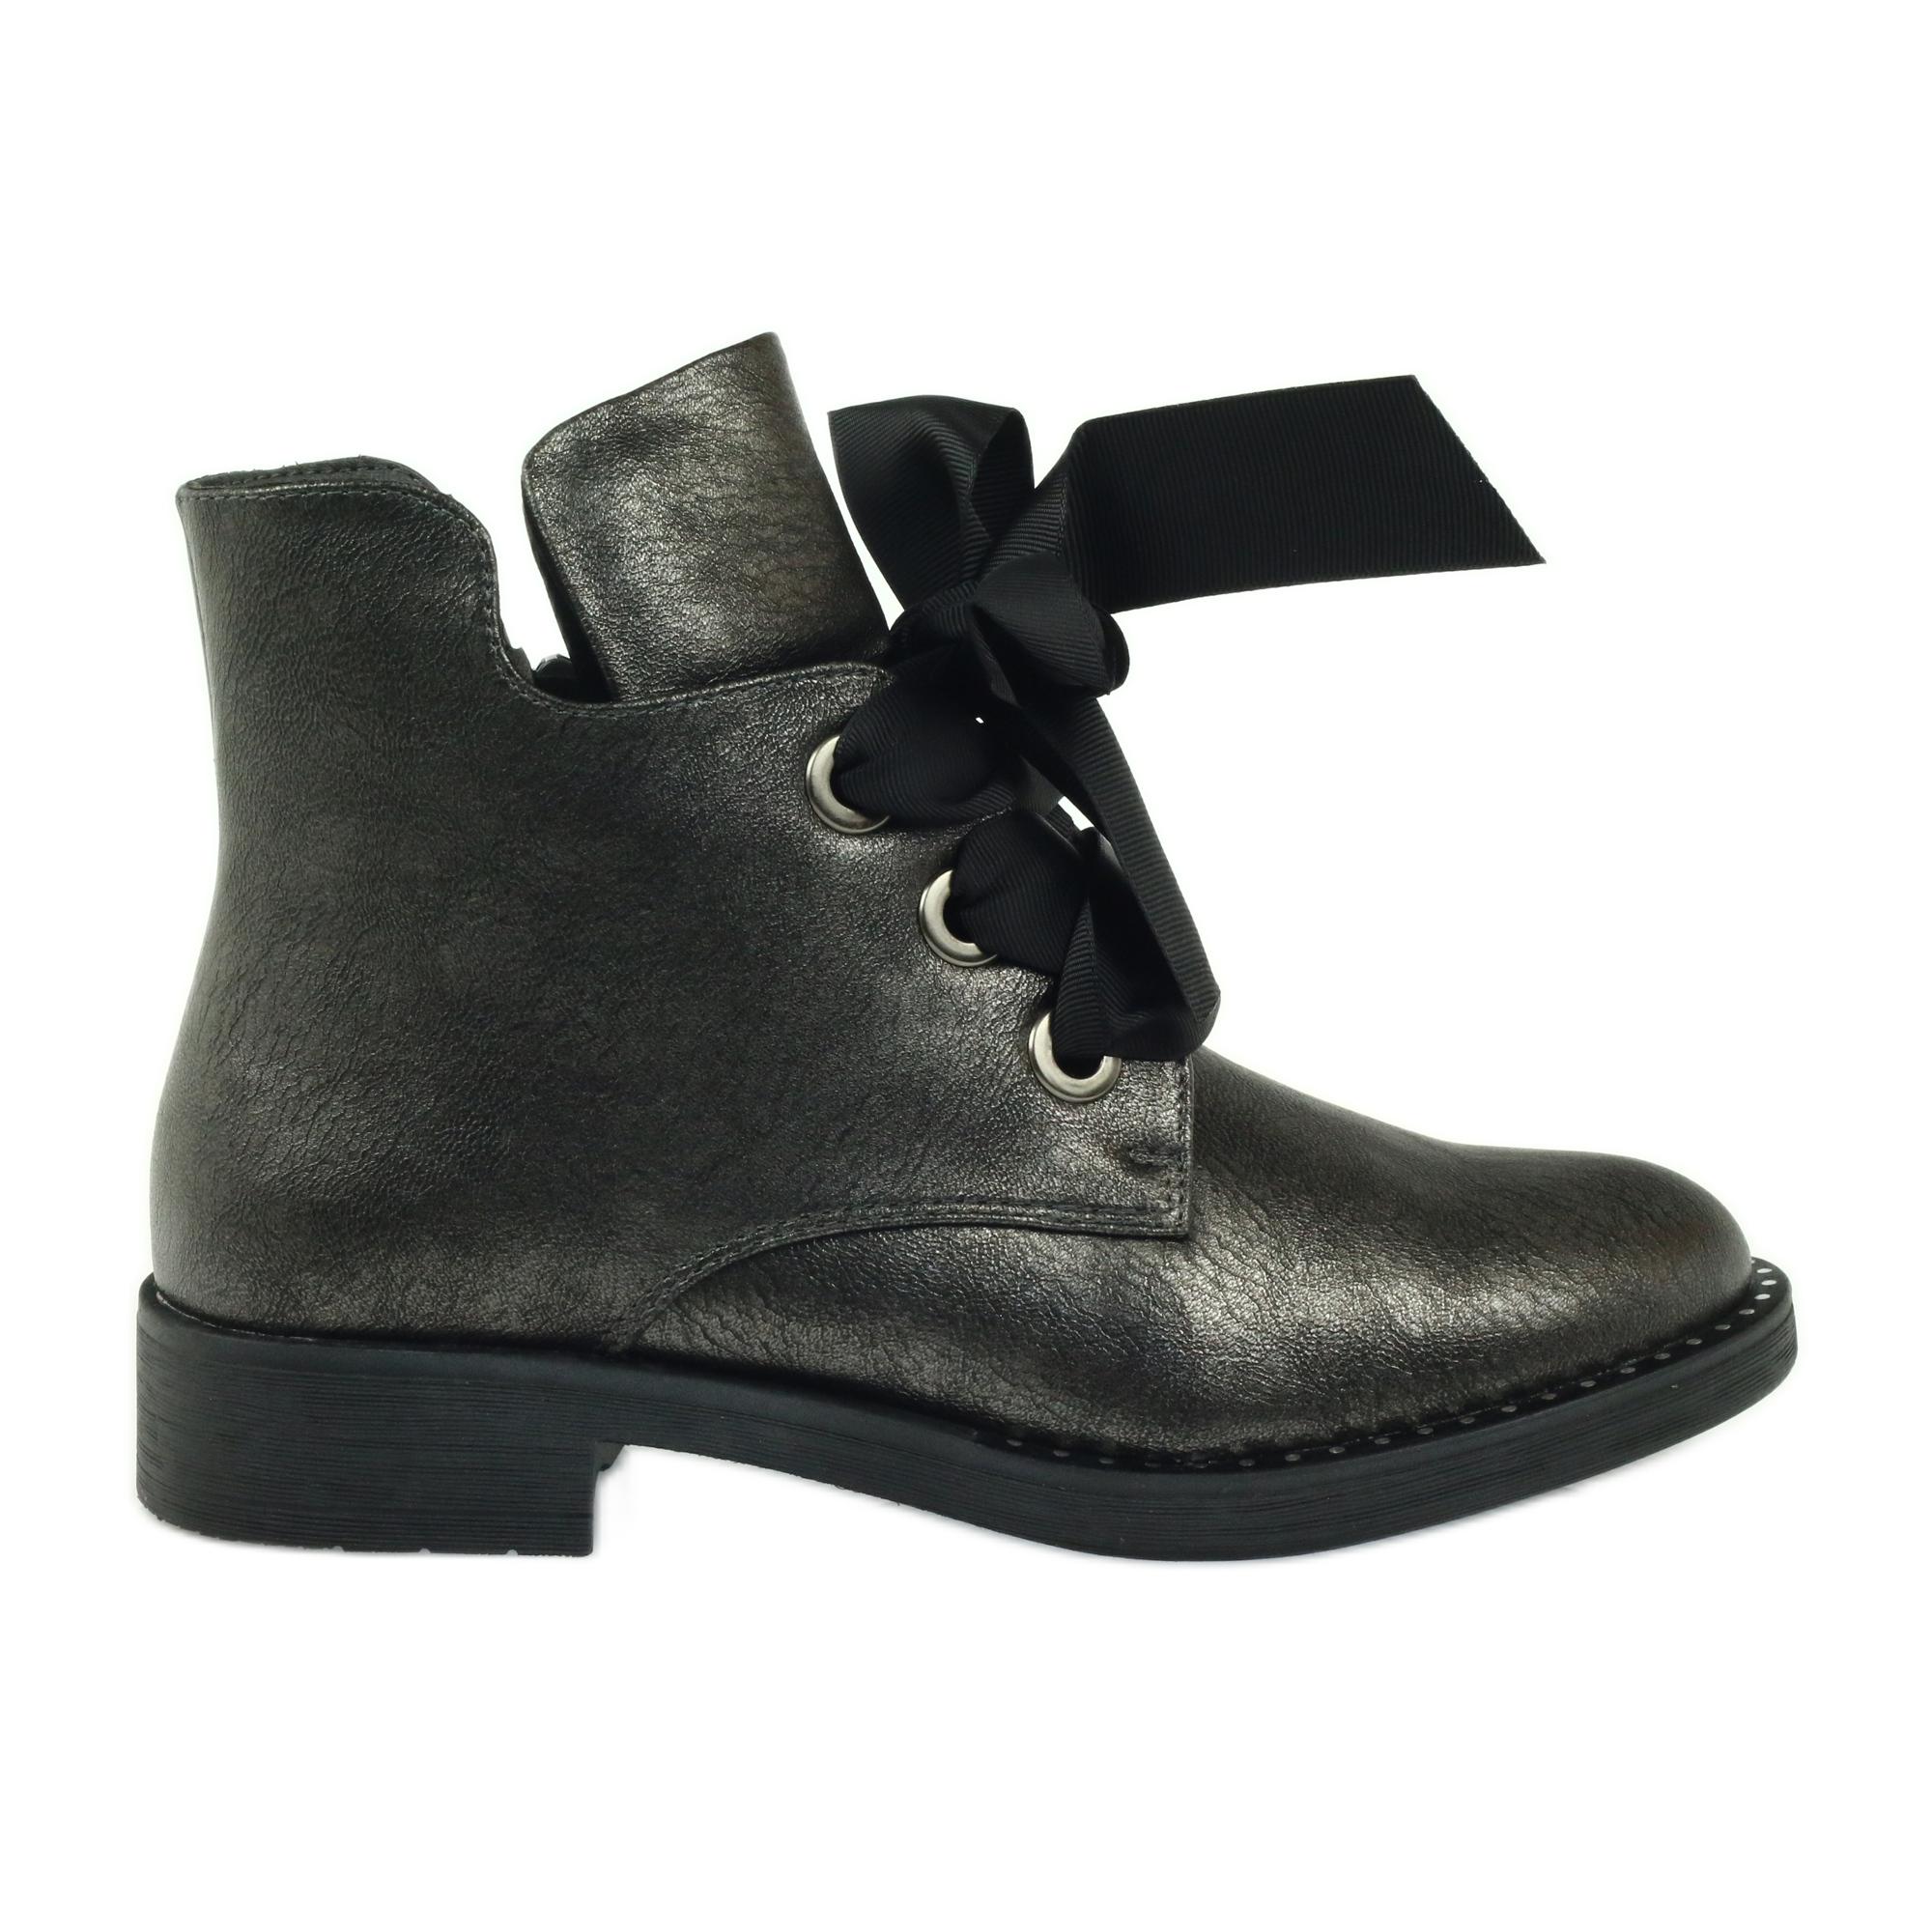 echt kaufen Rabatt-Sammlung neues Design Grau Stiefel Bogen Sergio Leone 305